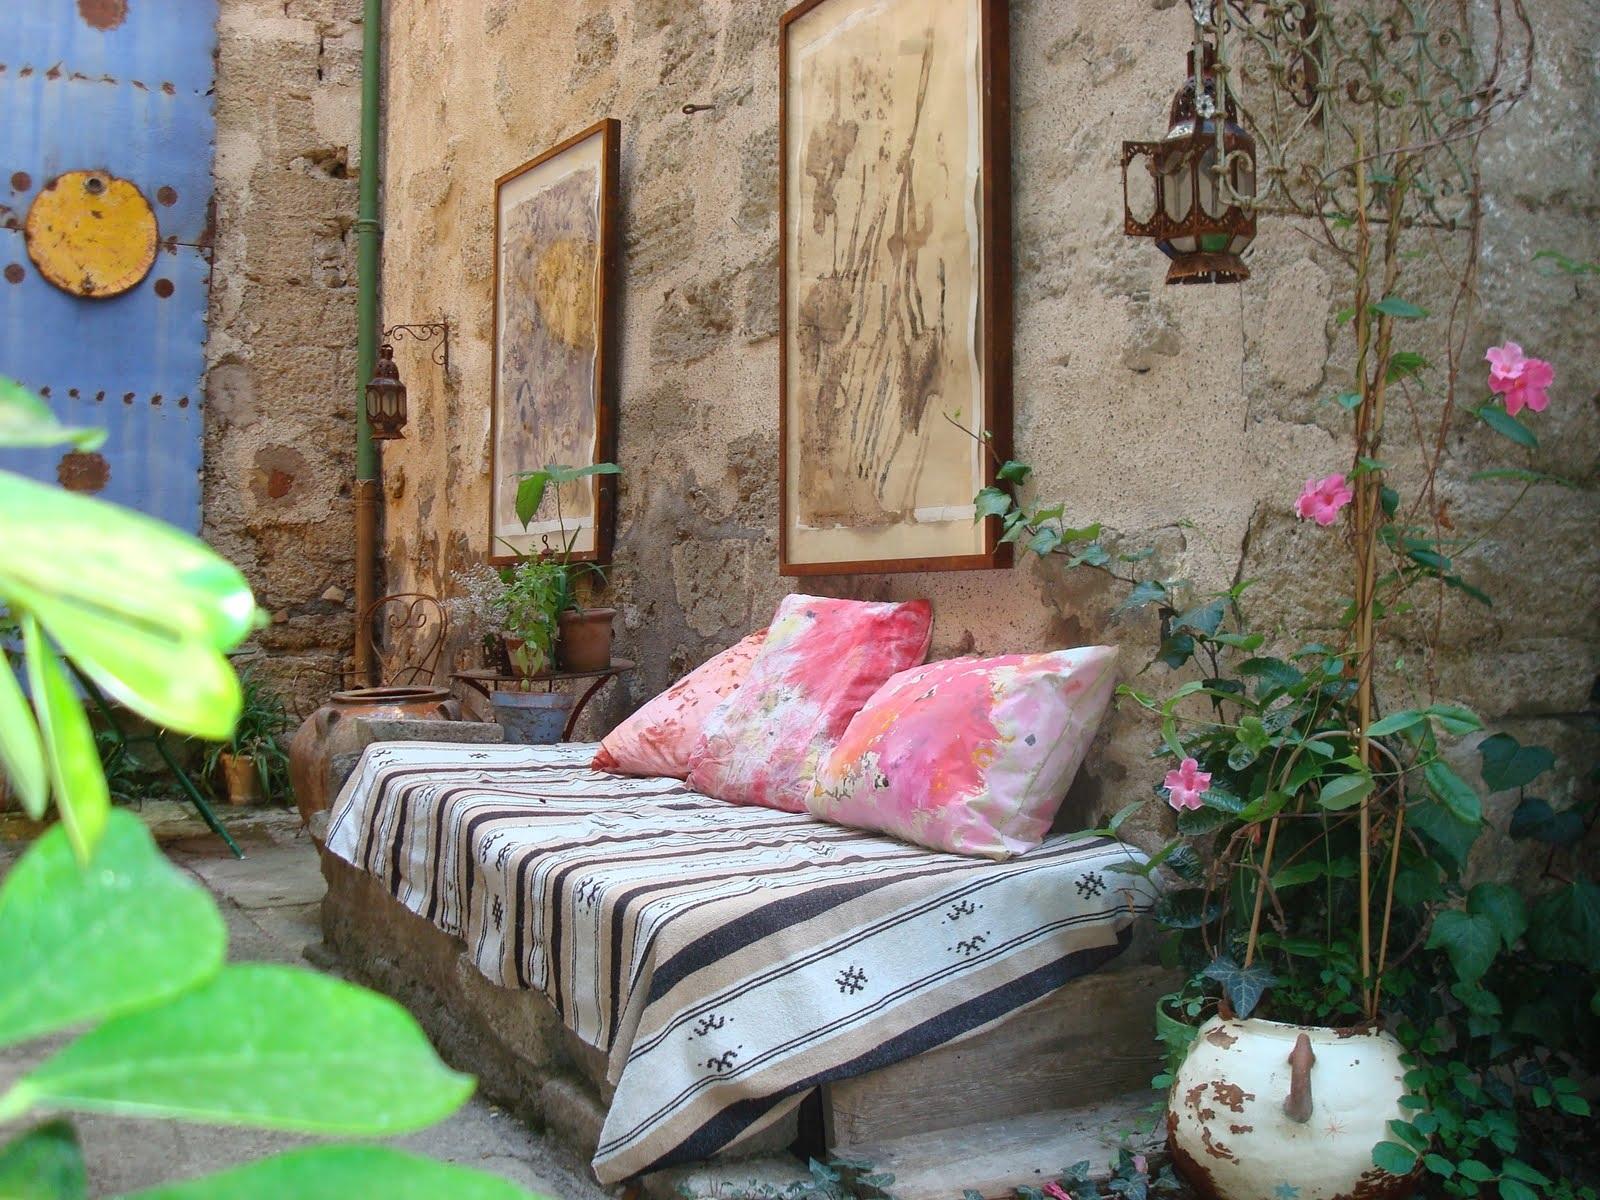 Fauna decorativa patios y terrazas en la ciudad city courtyards and terraces - Decoracion de patios y terrazas ...